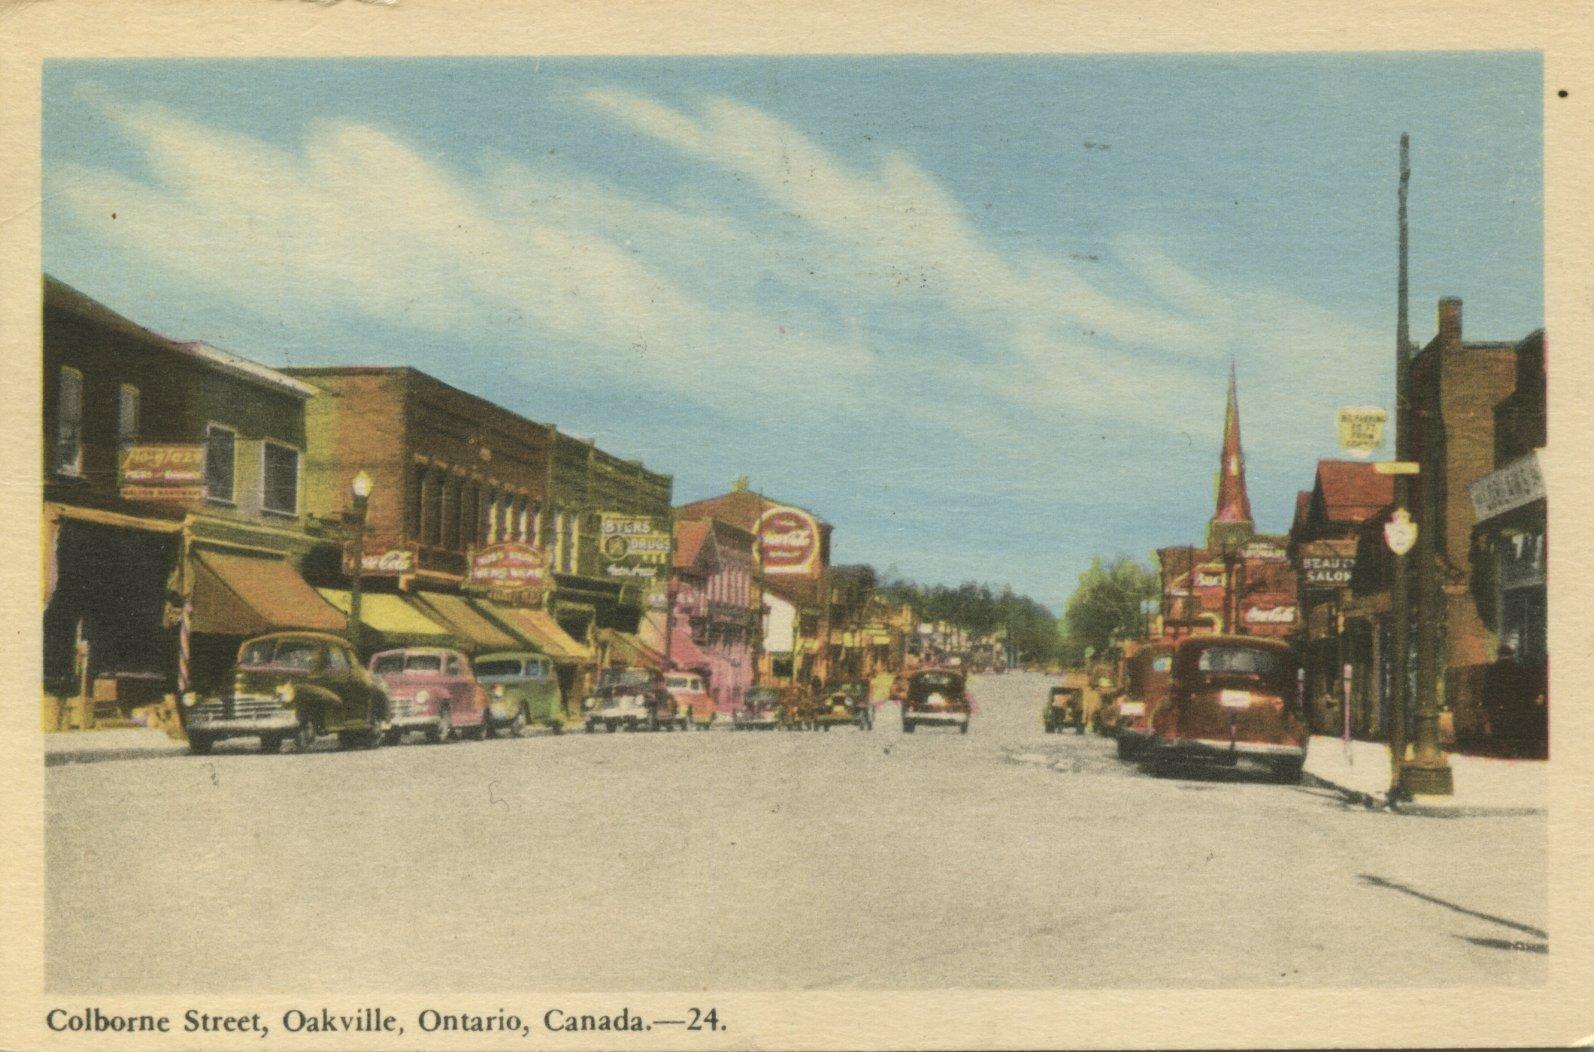 Colborne Street, Oakville, Ontario, Canada